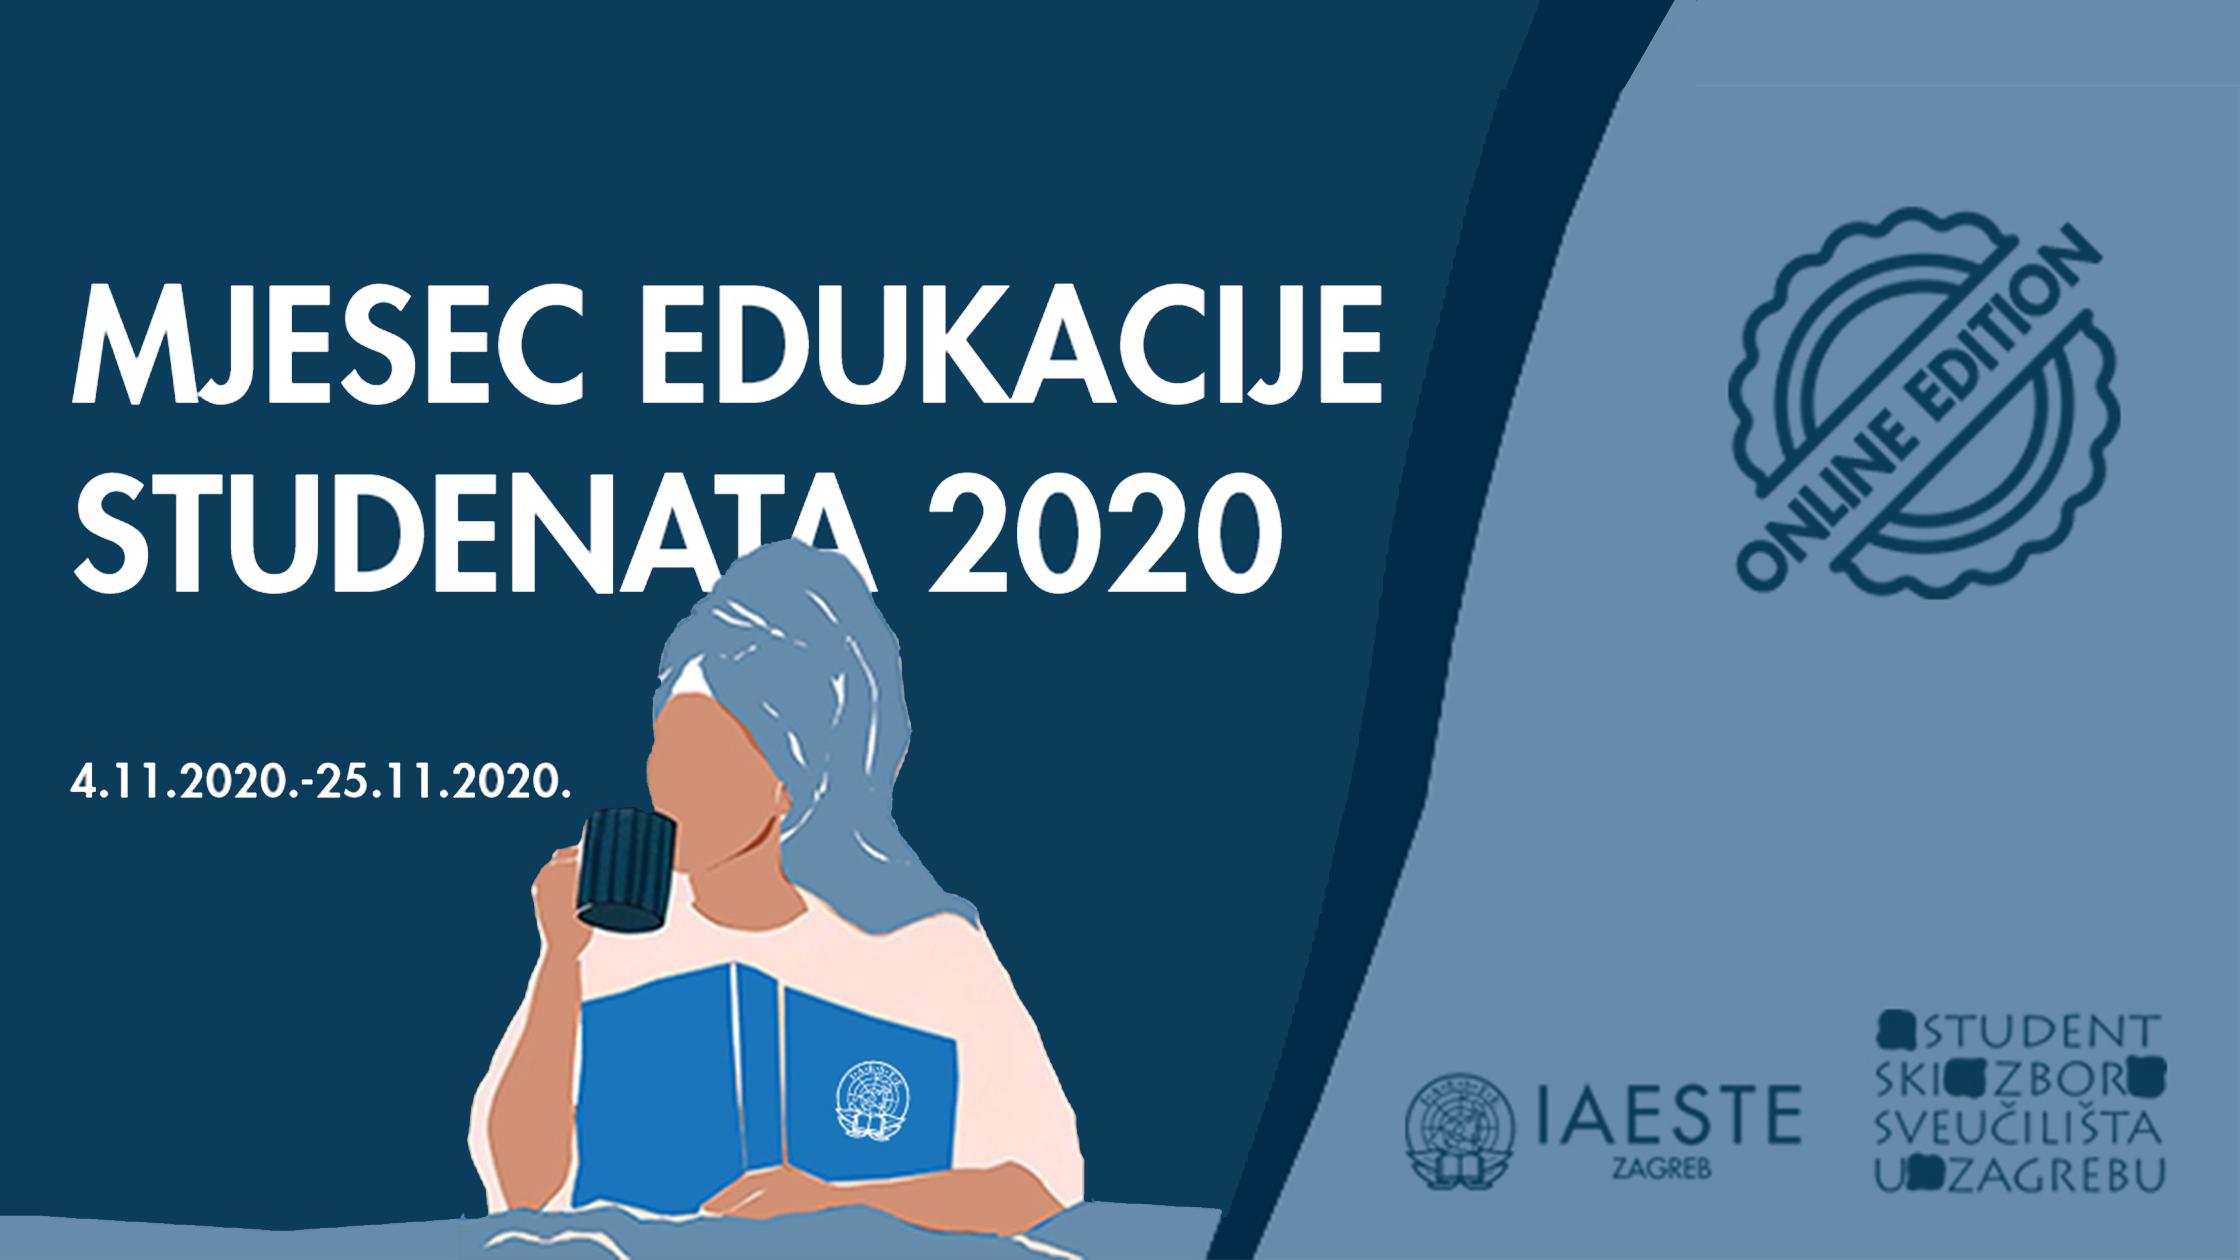 Najava: Mjesec edukacije studenata 2020 – ONLINE